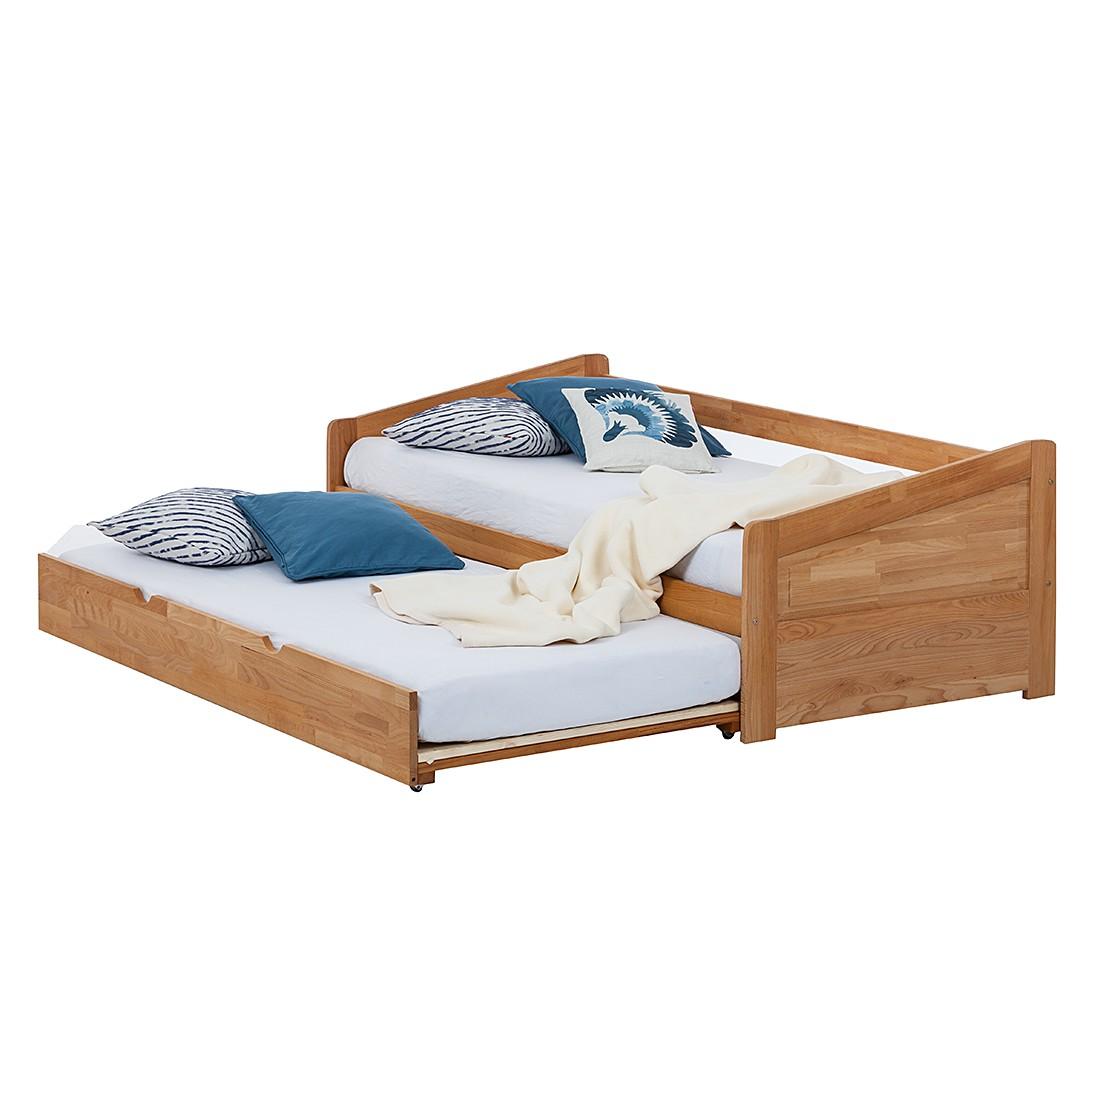 Lit multi-rangements en bois massif DemiWOOD (avec surface de couchage supplémentaire) - Duramen hêt